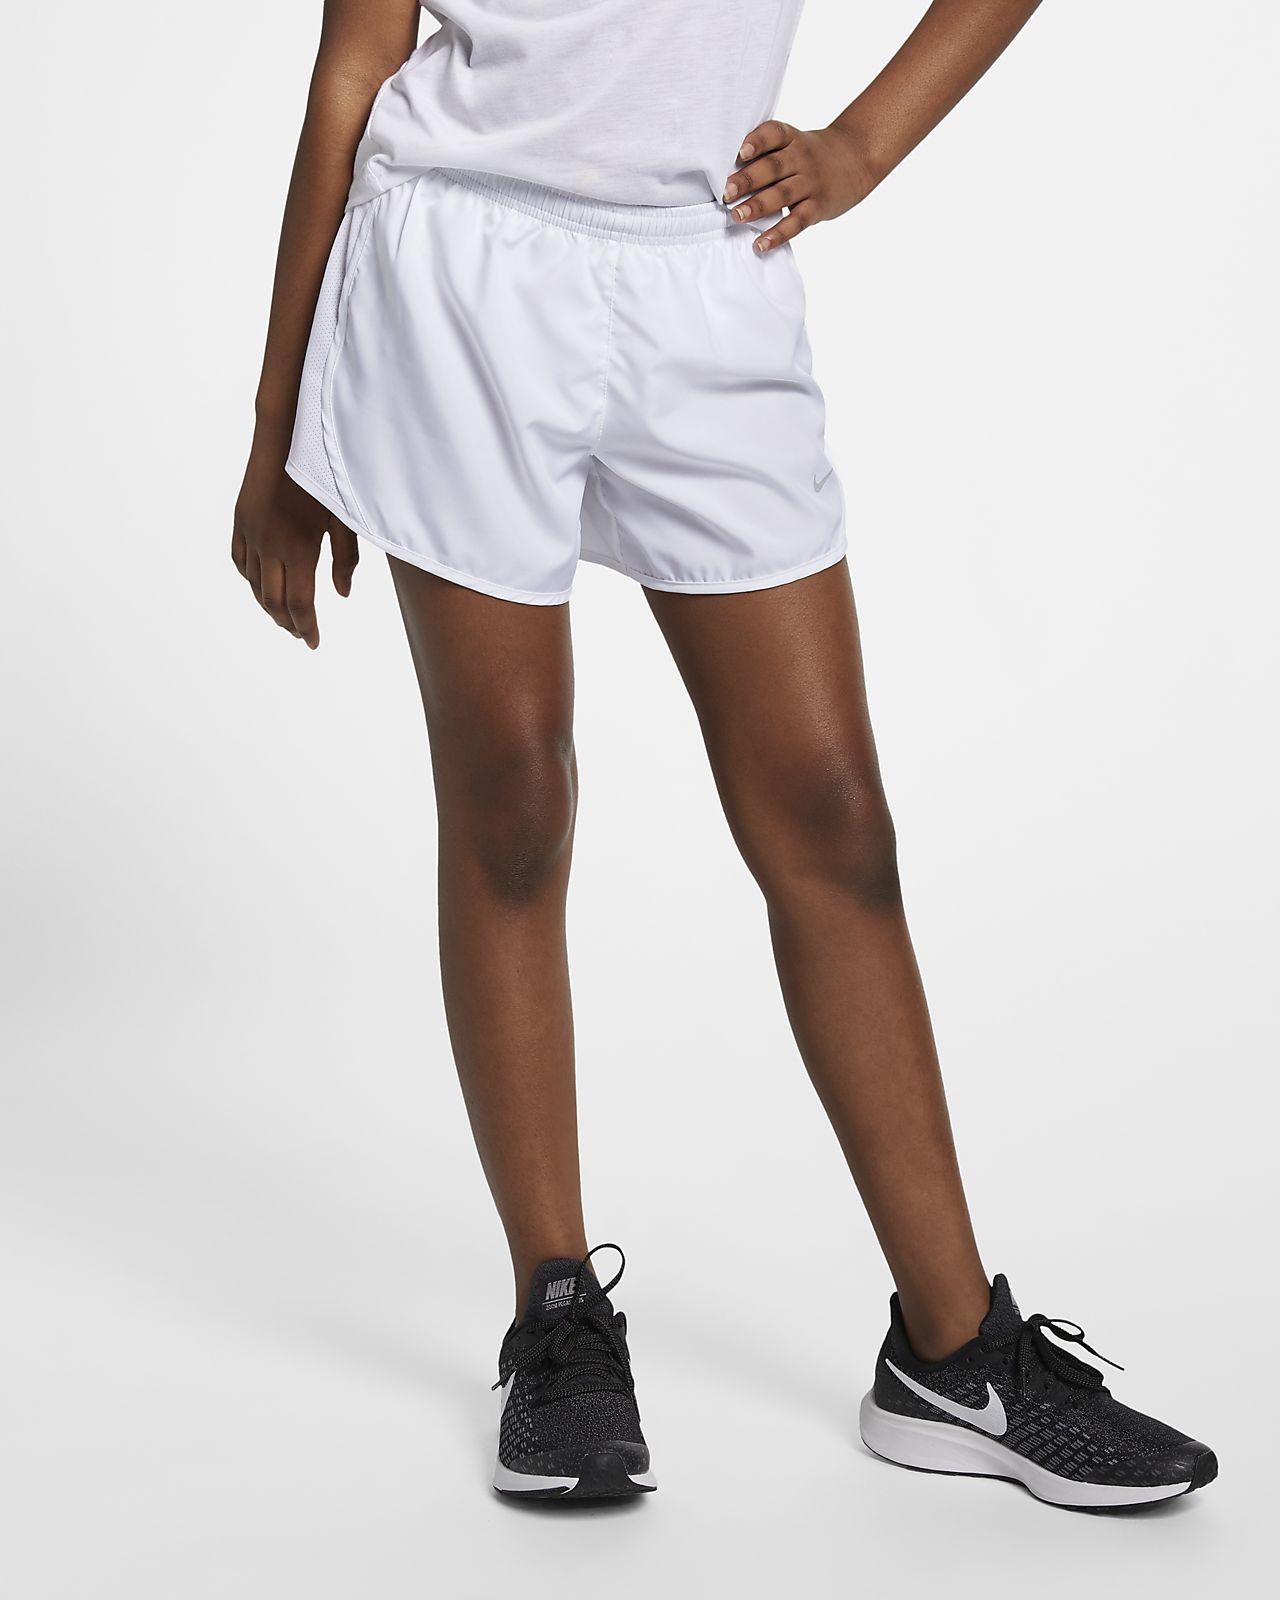 9ba85917badda Nike Dri-FIT Tempo Big Kids  (Girls ) Running Shorts. Nike.com